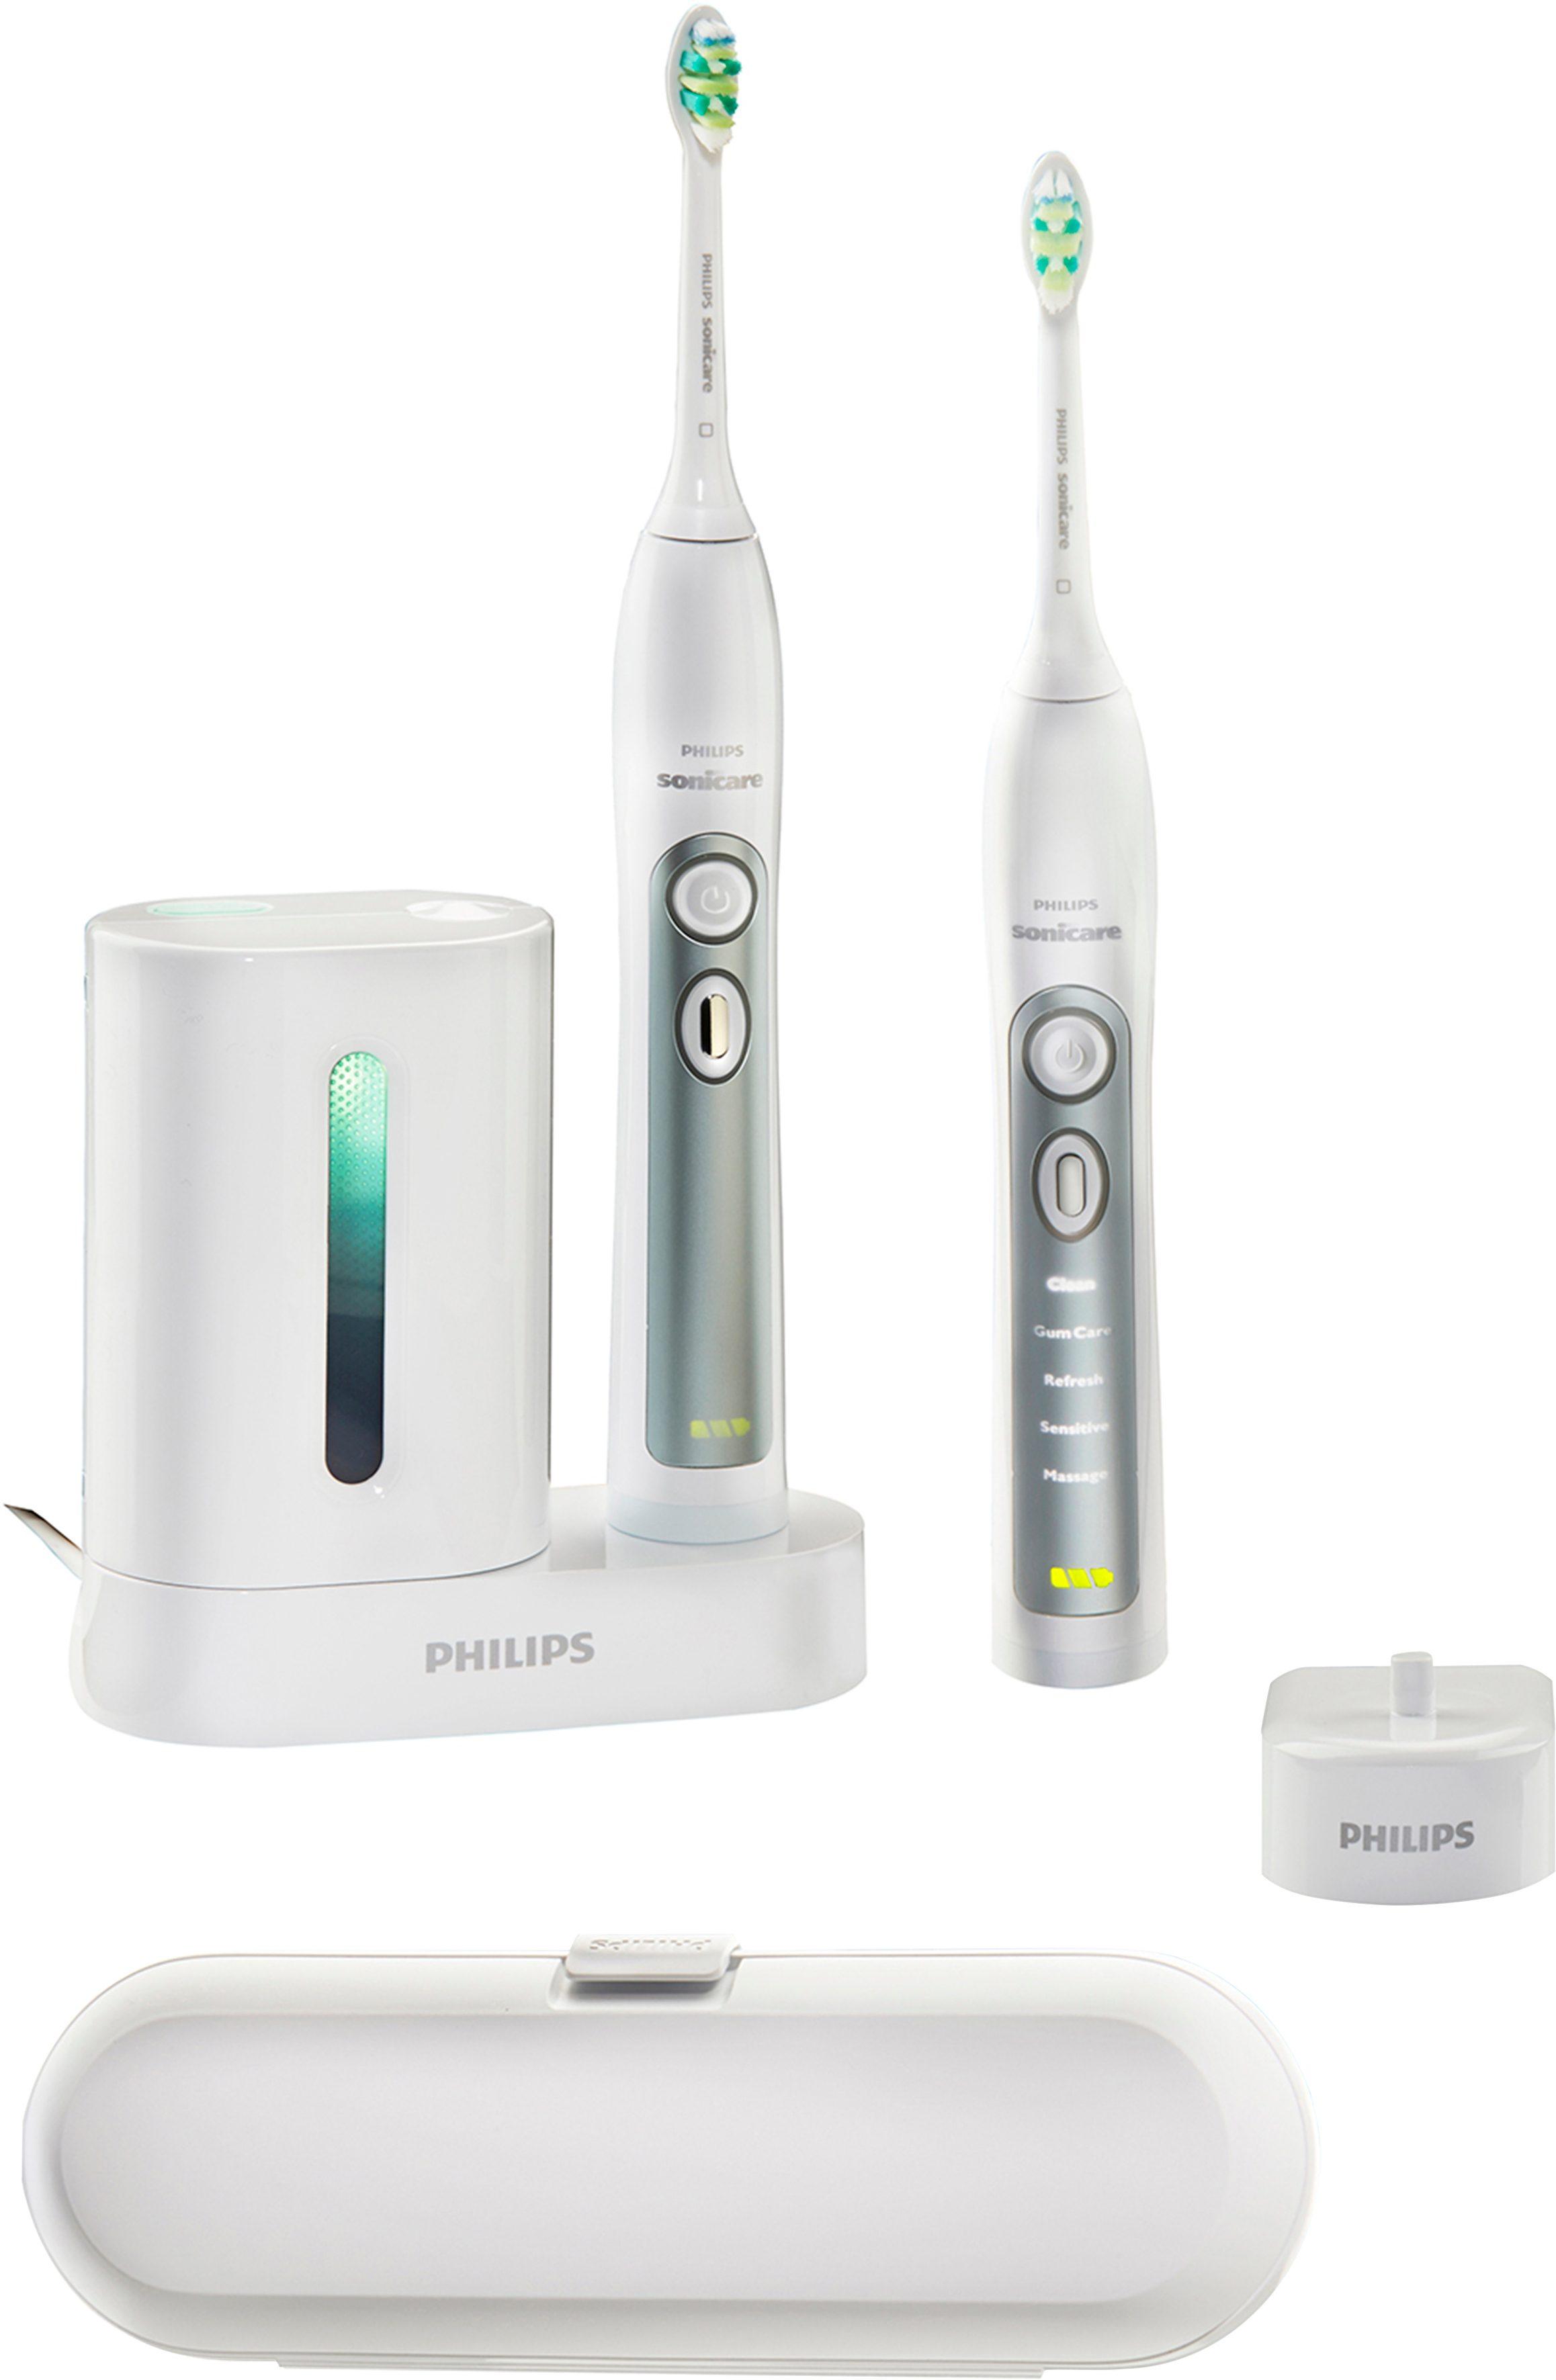 Philips Sonicare HX6972/35, Schallzahnbürste FlexCare+, inkl. UV Reinigungsgerät